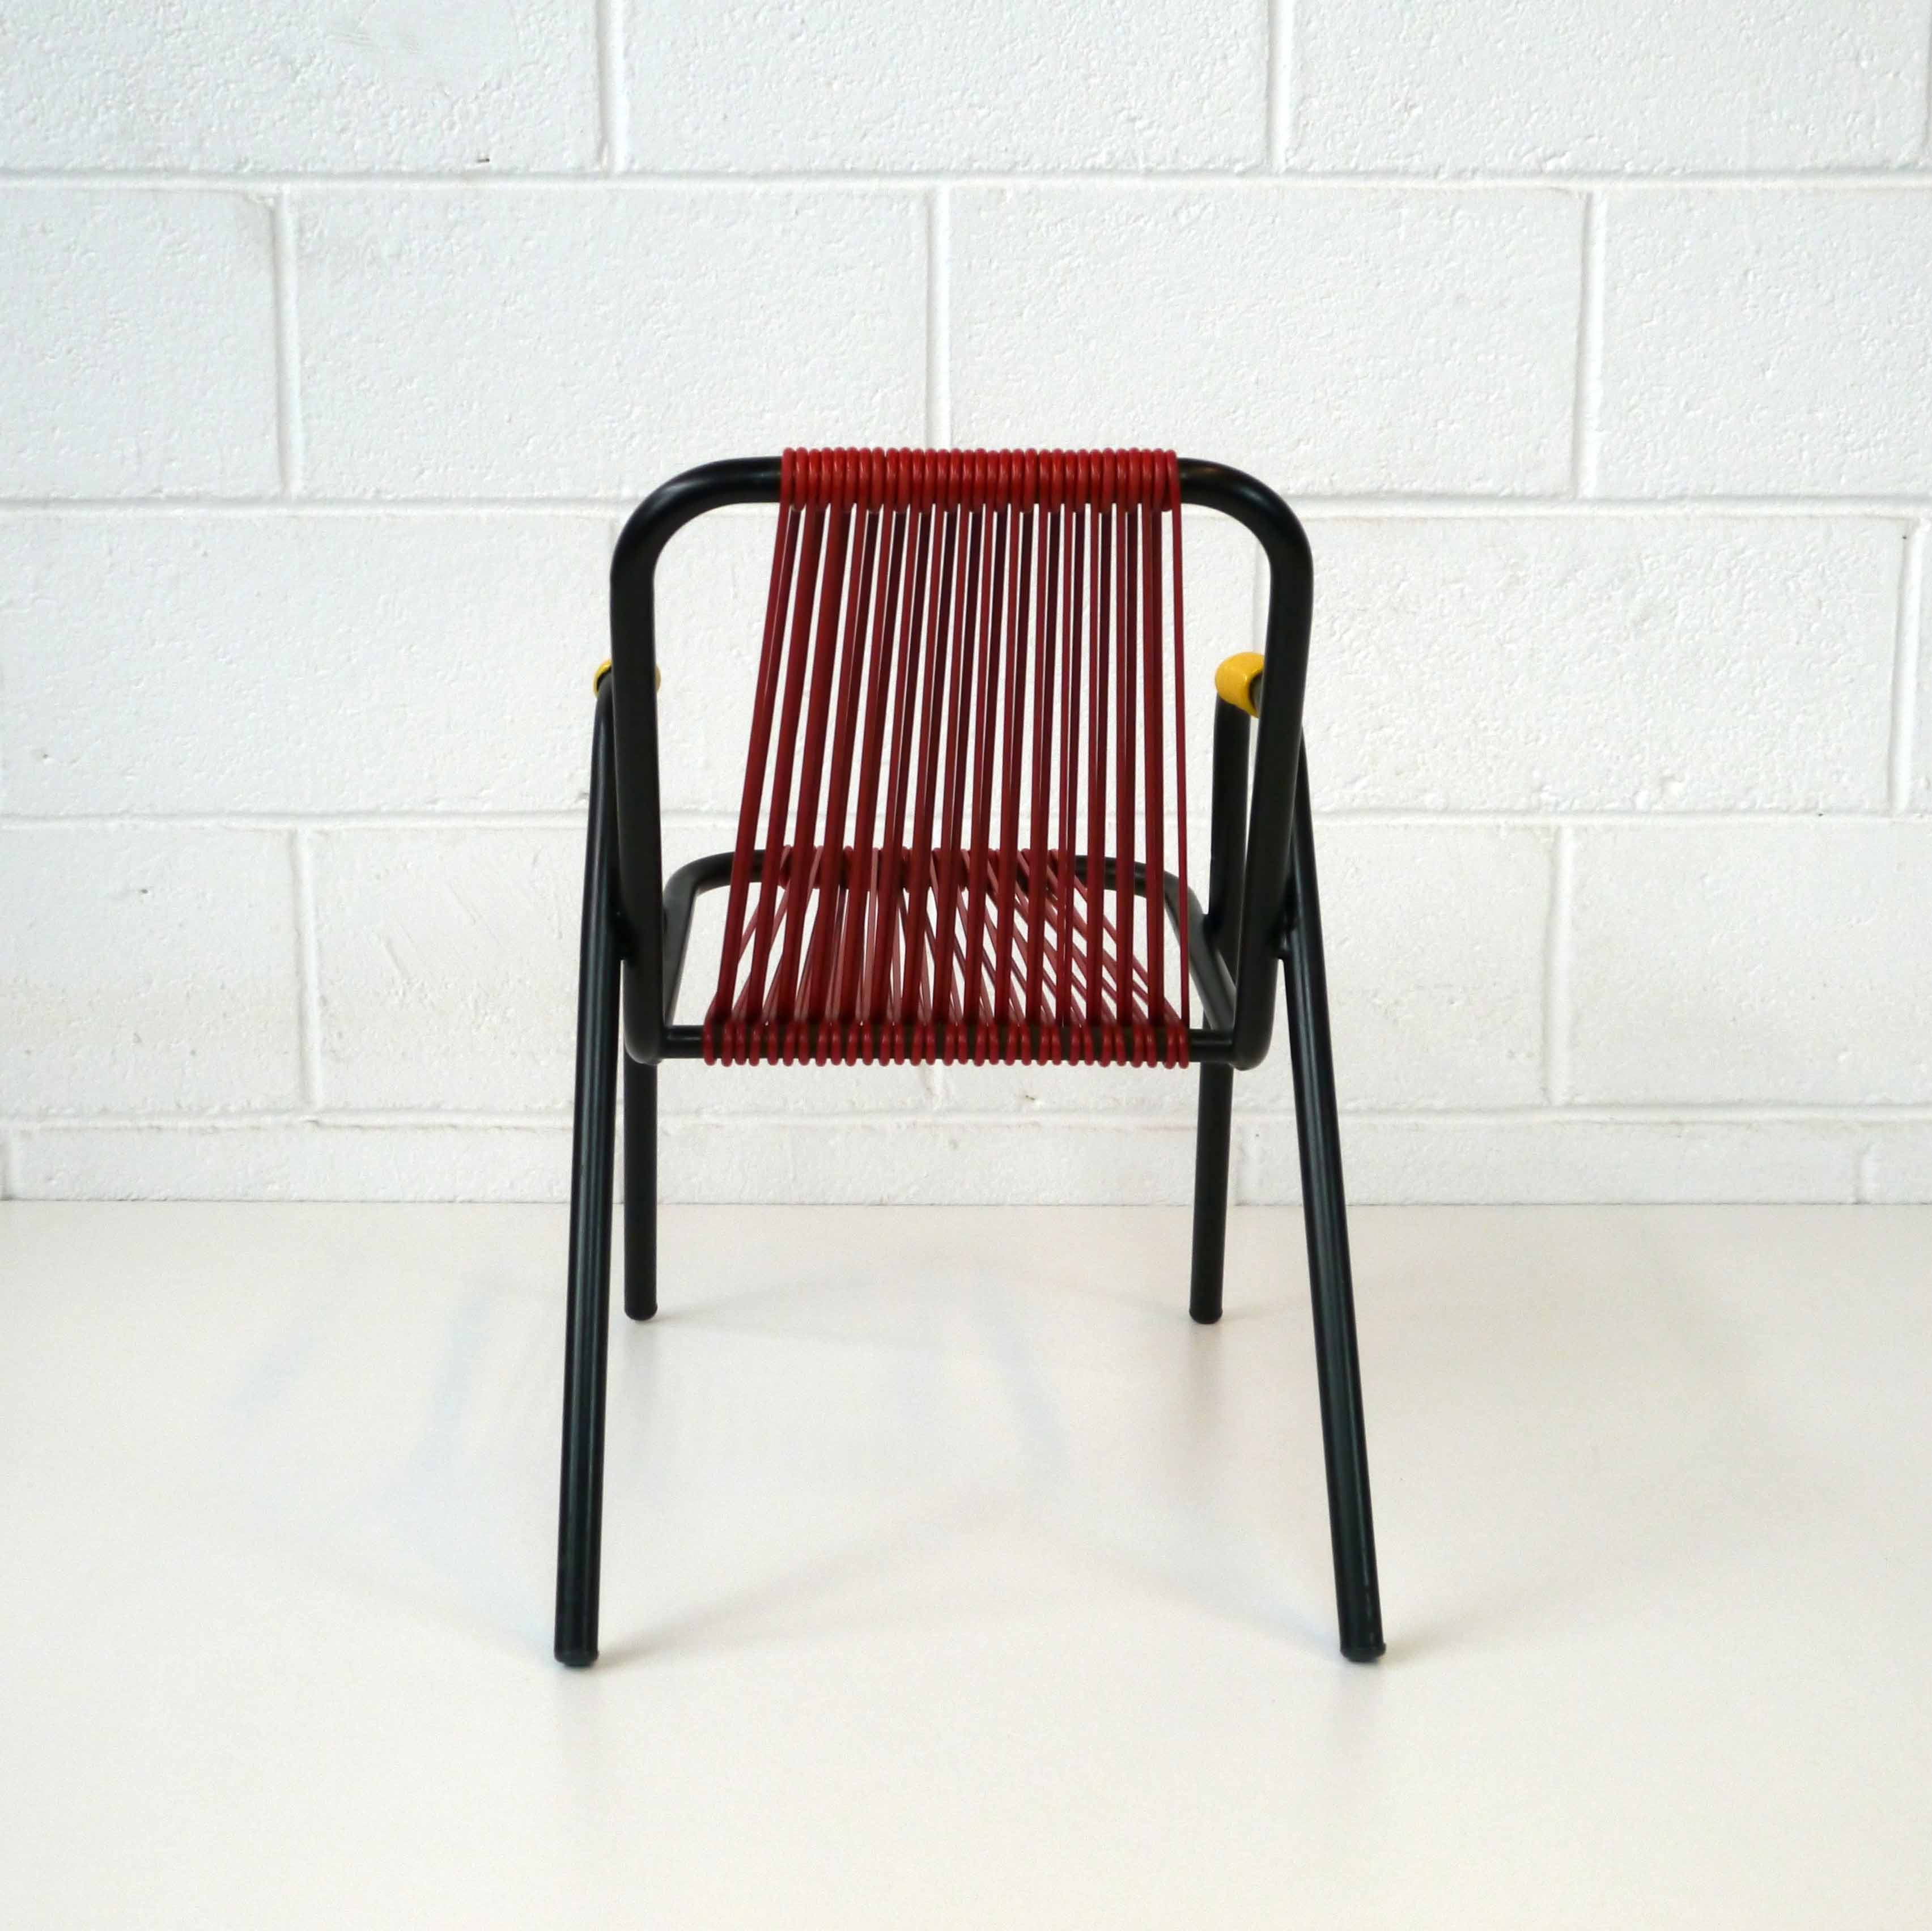 fauteuil scoubidou la marelle mobilier et d co vintage. Black Bedroom Furniture Sets. Home Design Ideas